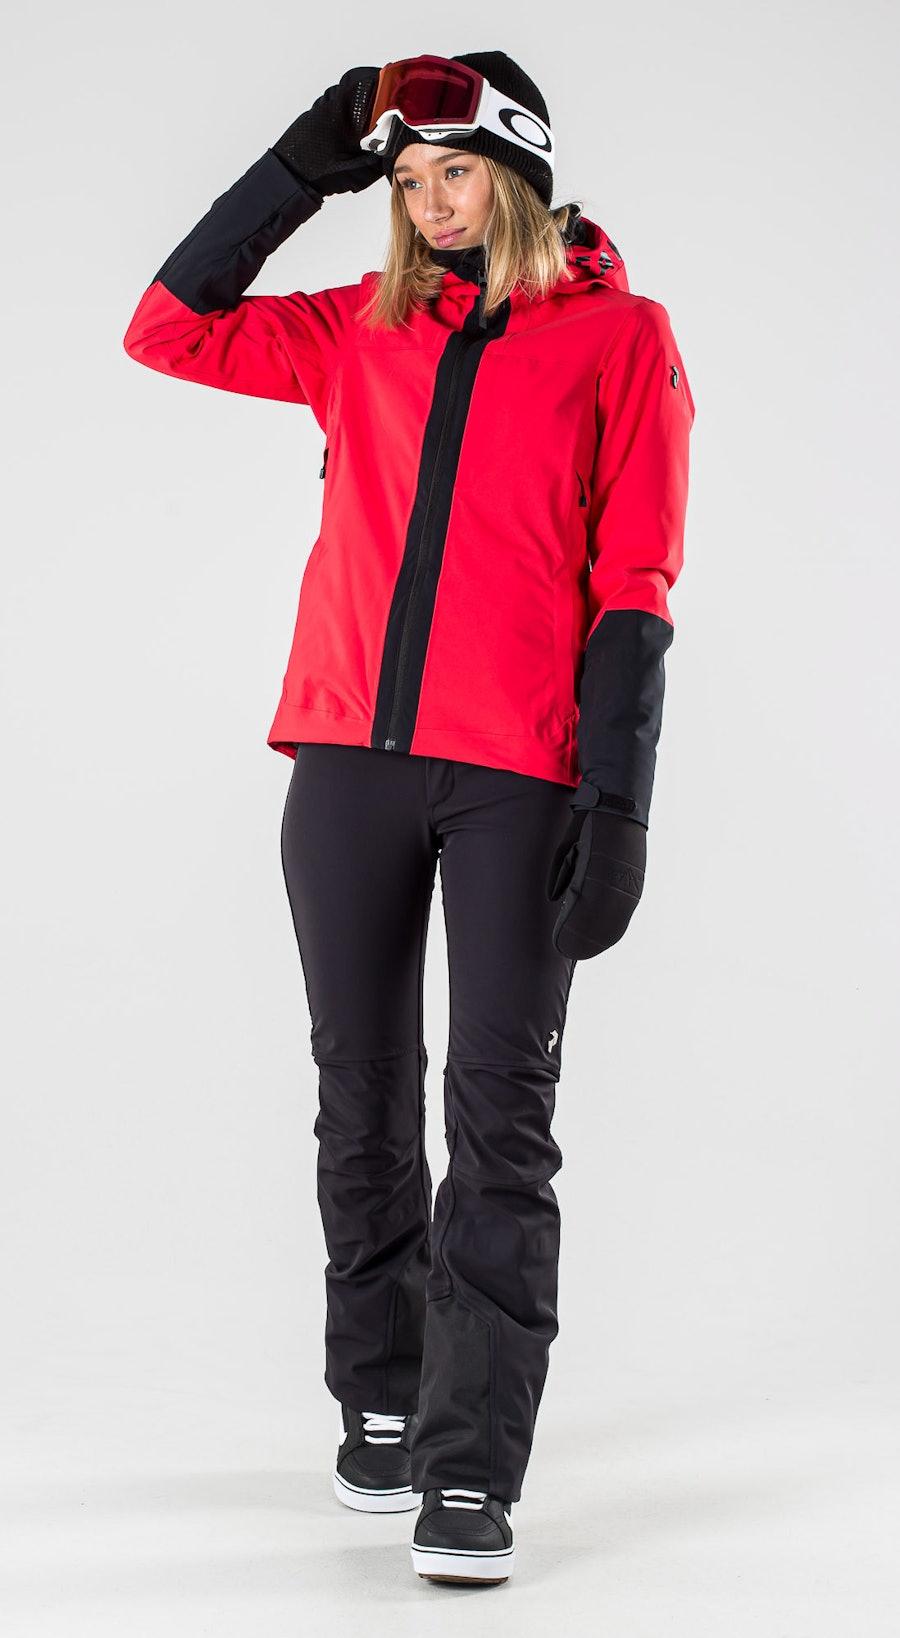 Peak Performance Rider Polar Red Lumilautailuvaatteet Multi